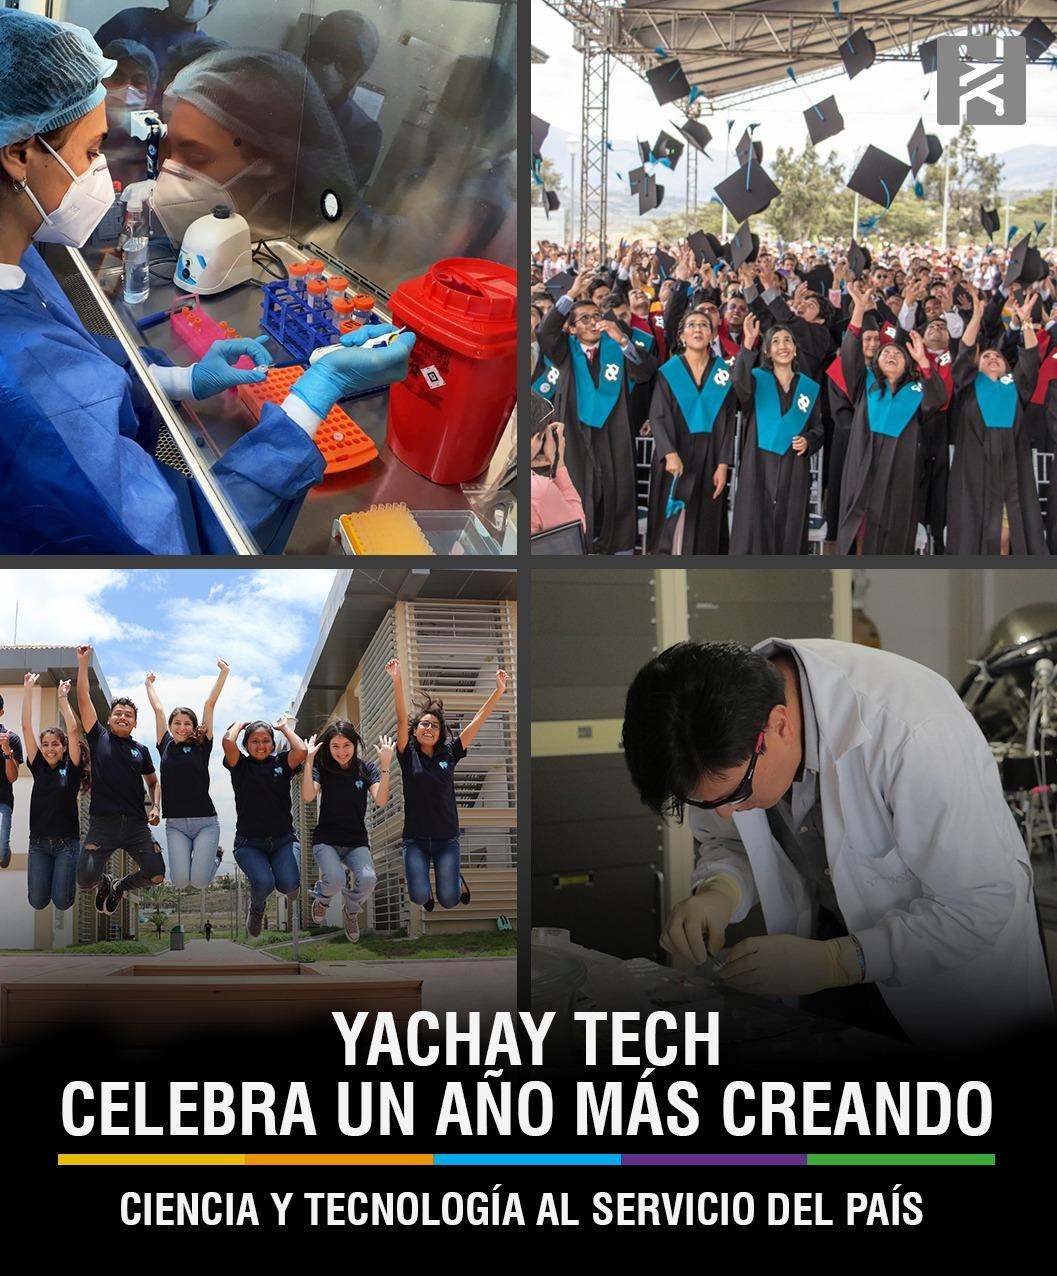 YACHAY CELEBRA UN AÑO MÁS CREANDO CIENCIA Y TECNOLOGÍA AL SERVICIO DEL PAÍS